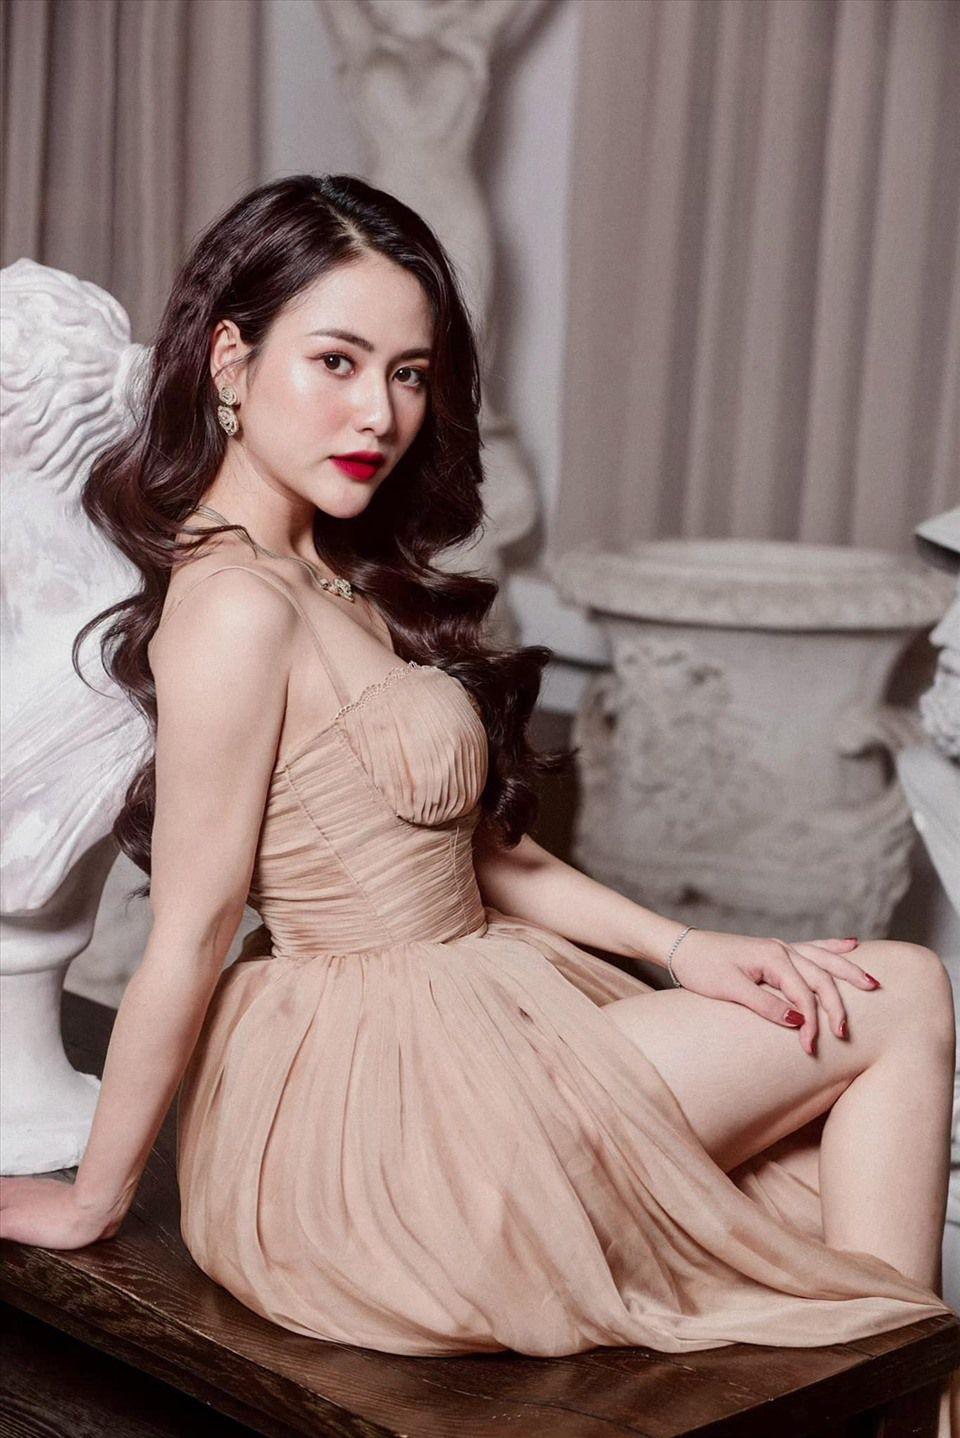 Điều ít biết về vợ xinh đẹp sắp cưới của Long trong phim hot Hương vị tình thân - Ảnh 10.